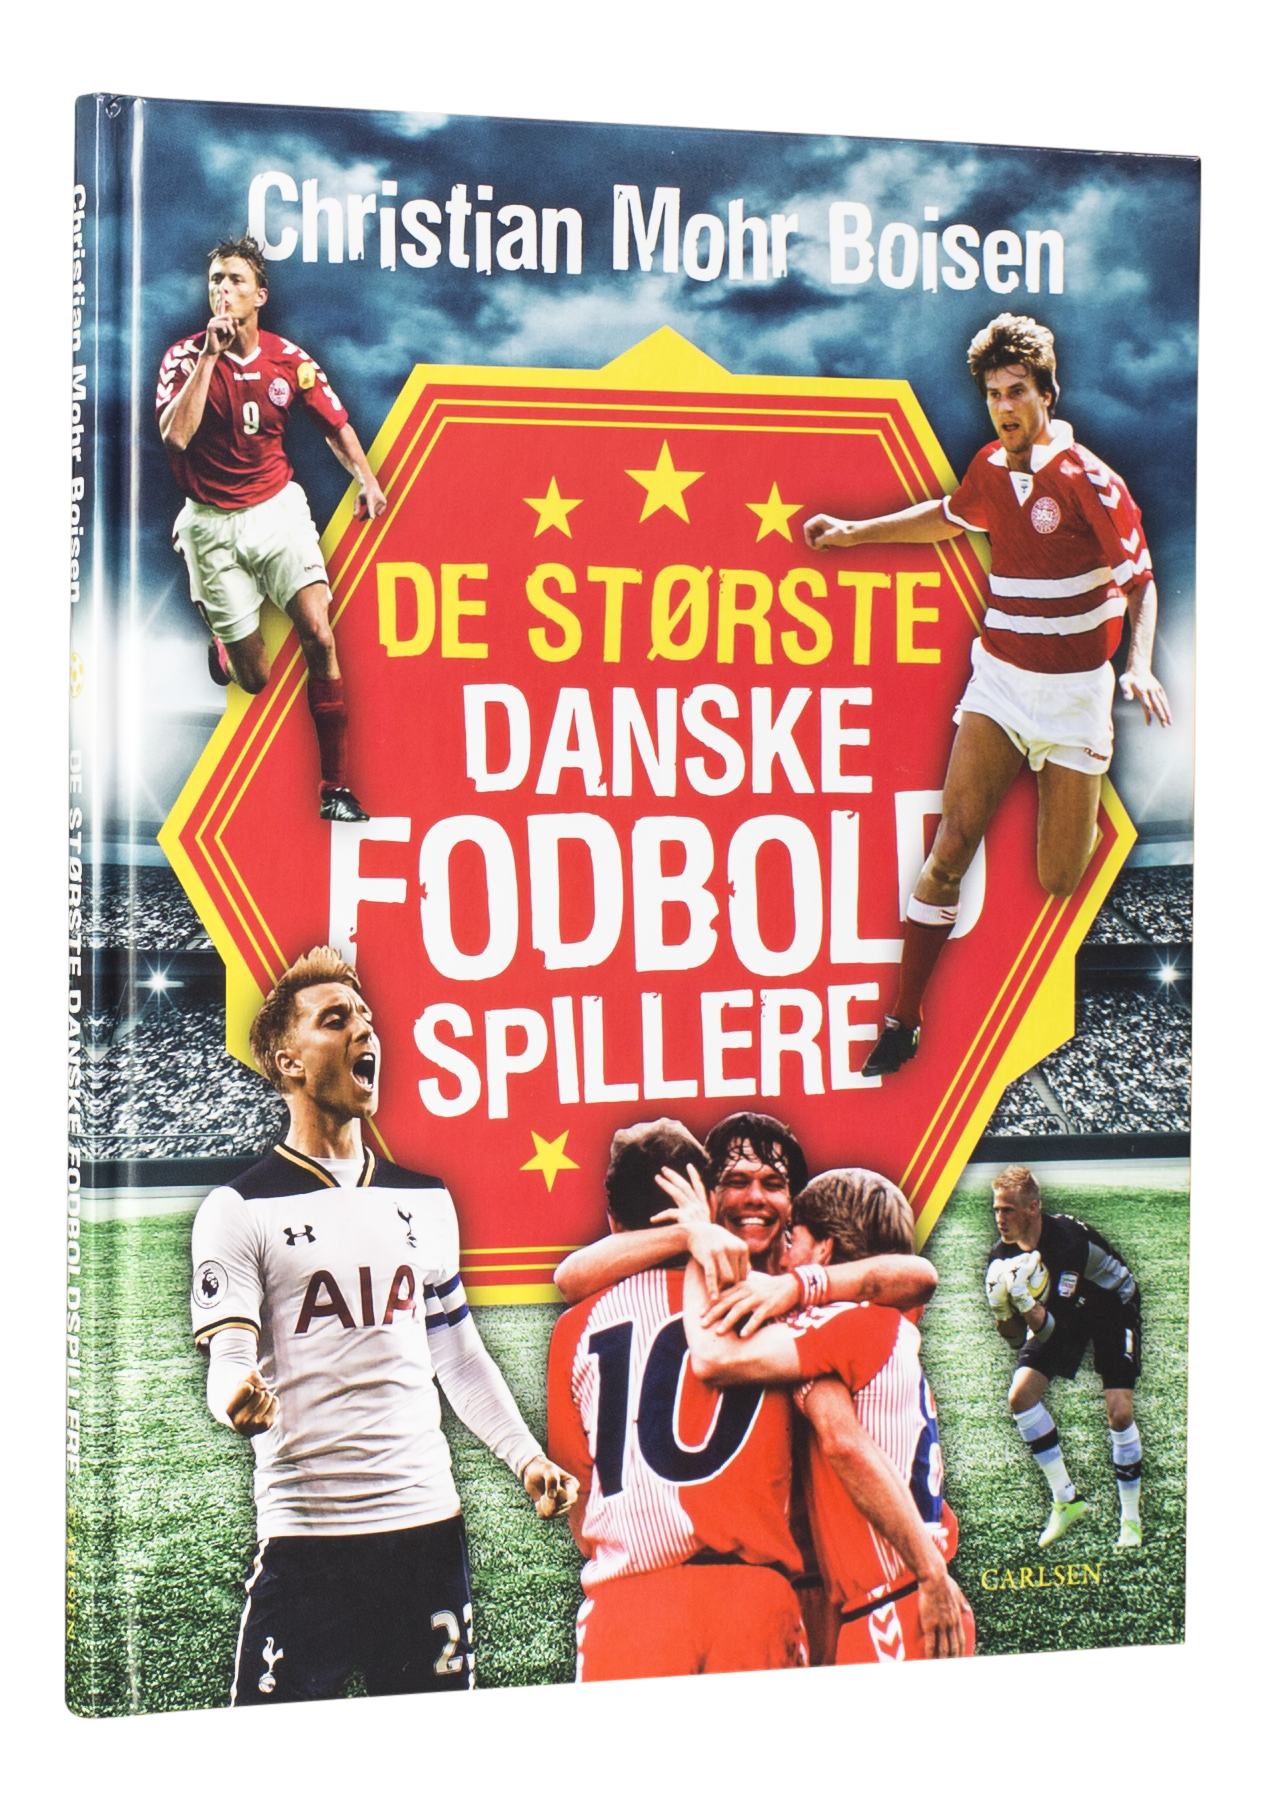 De største danske fodboldspillere, landsholdet, læs med landsholdet, fodbold, fodboldbøger, vm i fodbold